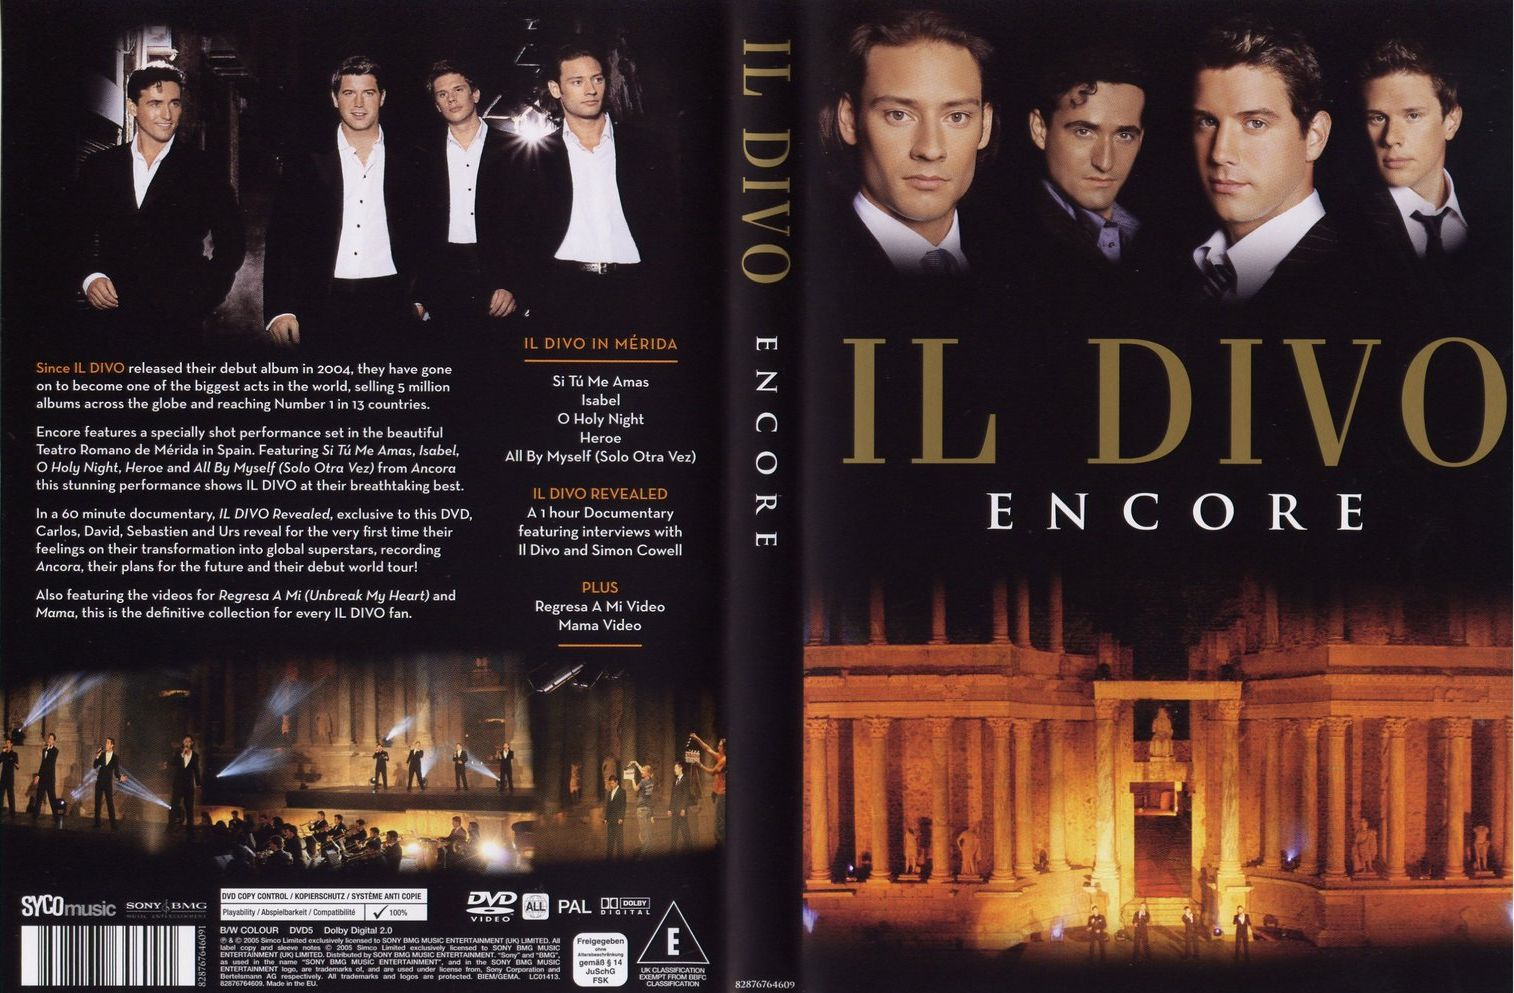 http://2.bp.blogspot.com/_se0zHB8H7oU/S_Mj78C1pcI/AAAAAAAACis/AVSwZArmutk/s1600/Il+Divo+-+Encore+-+Cover.jpg